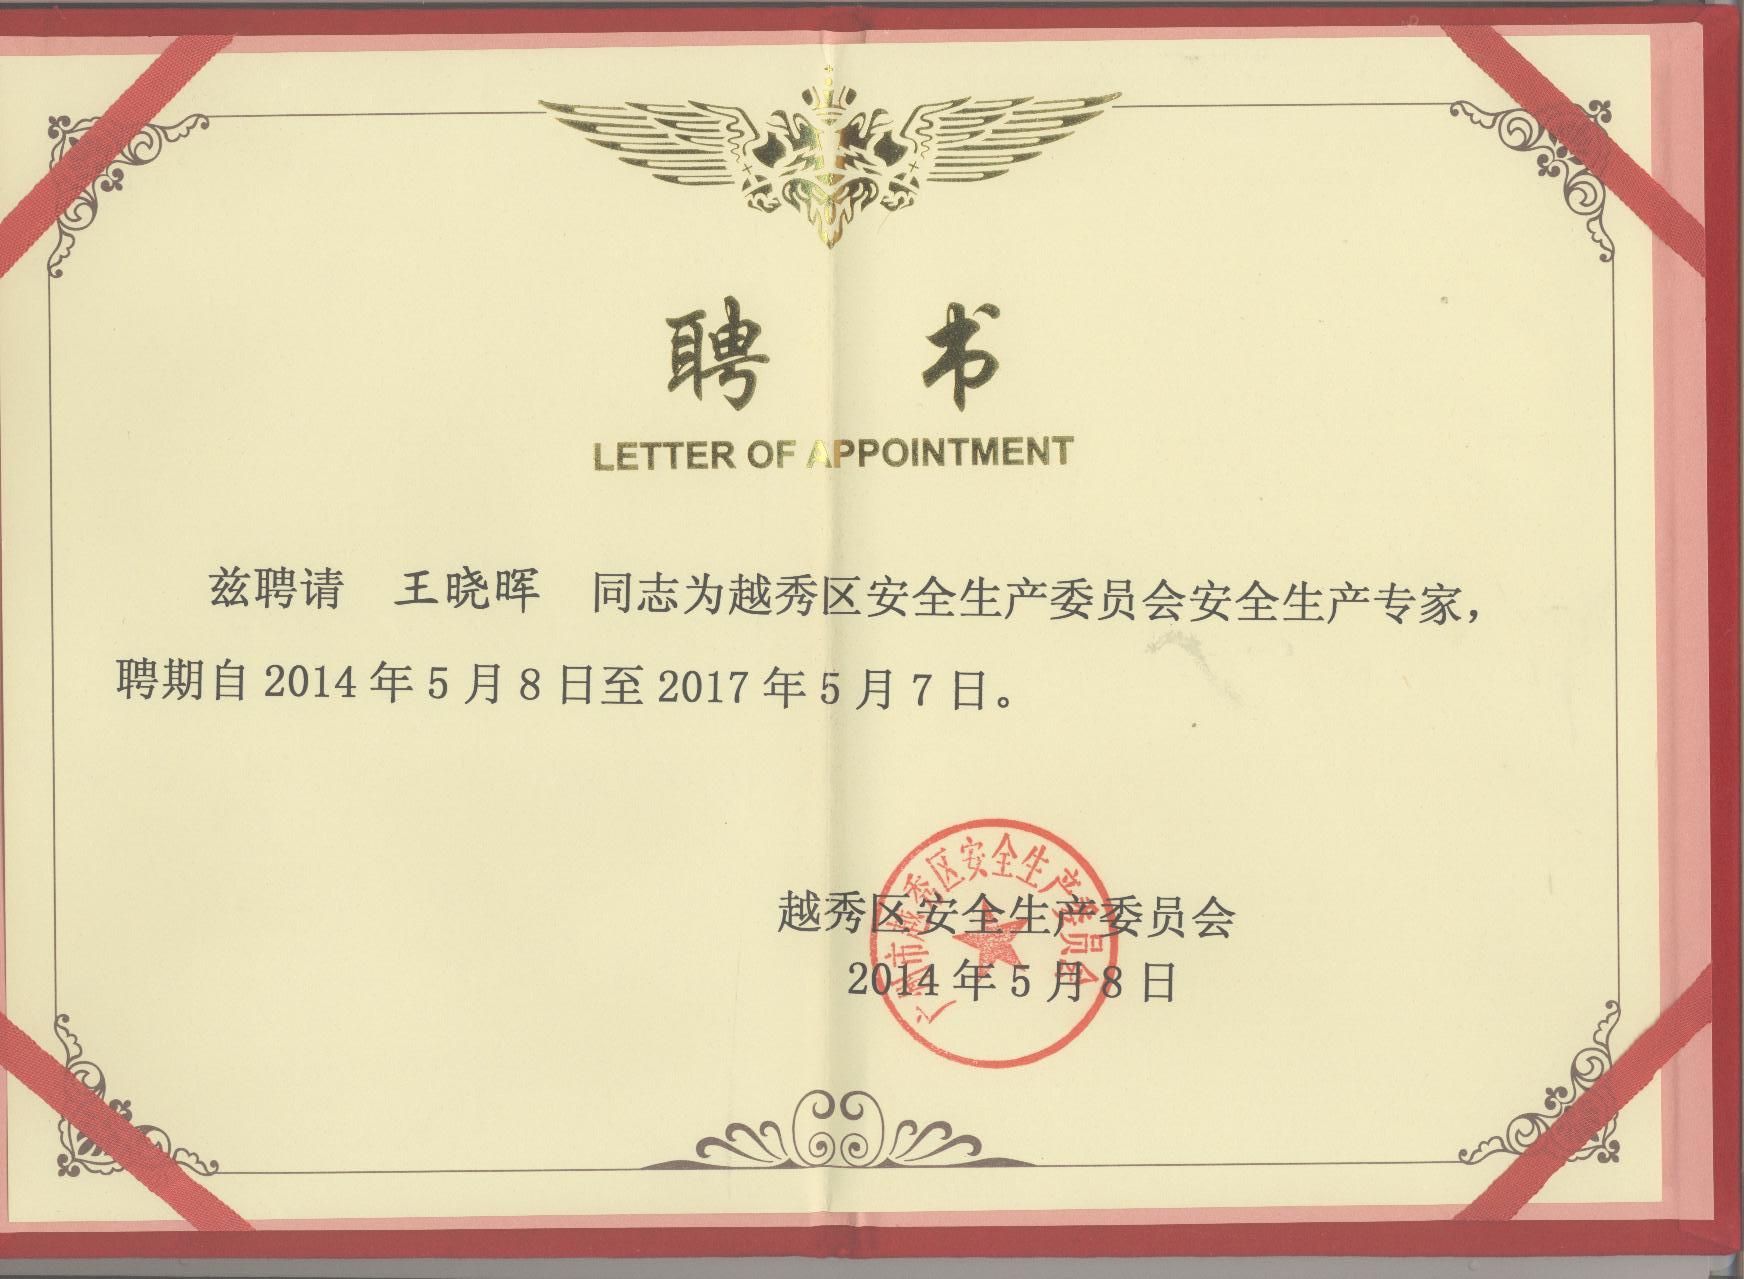 王晓晖教授获聘为广州市越秀区安全生产委员会安全生产专家